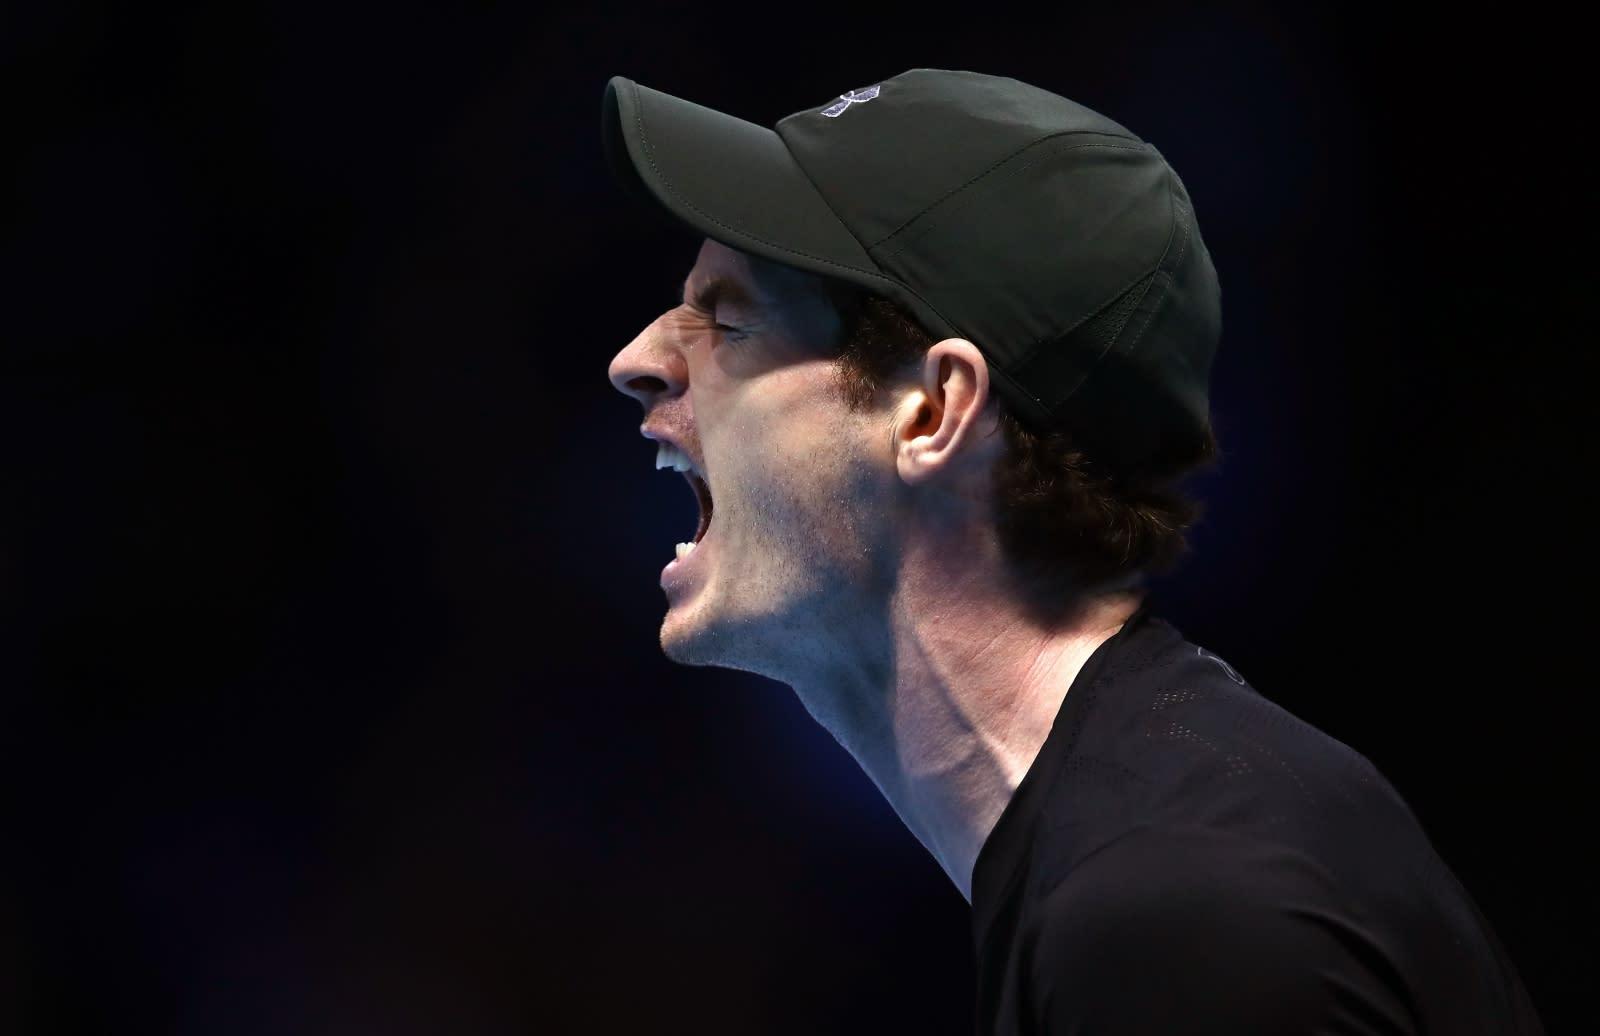 Andy Murray overpowers Kei Nishikori to claim thrilling ...